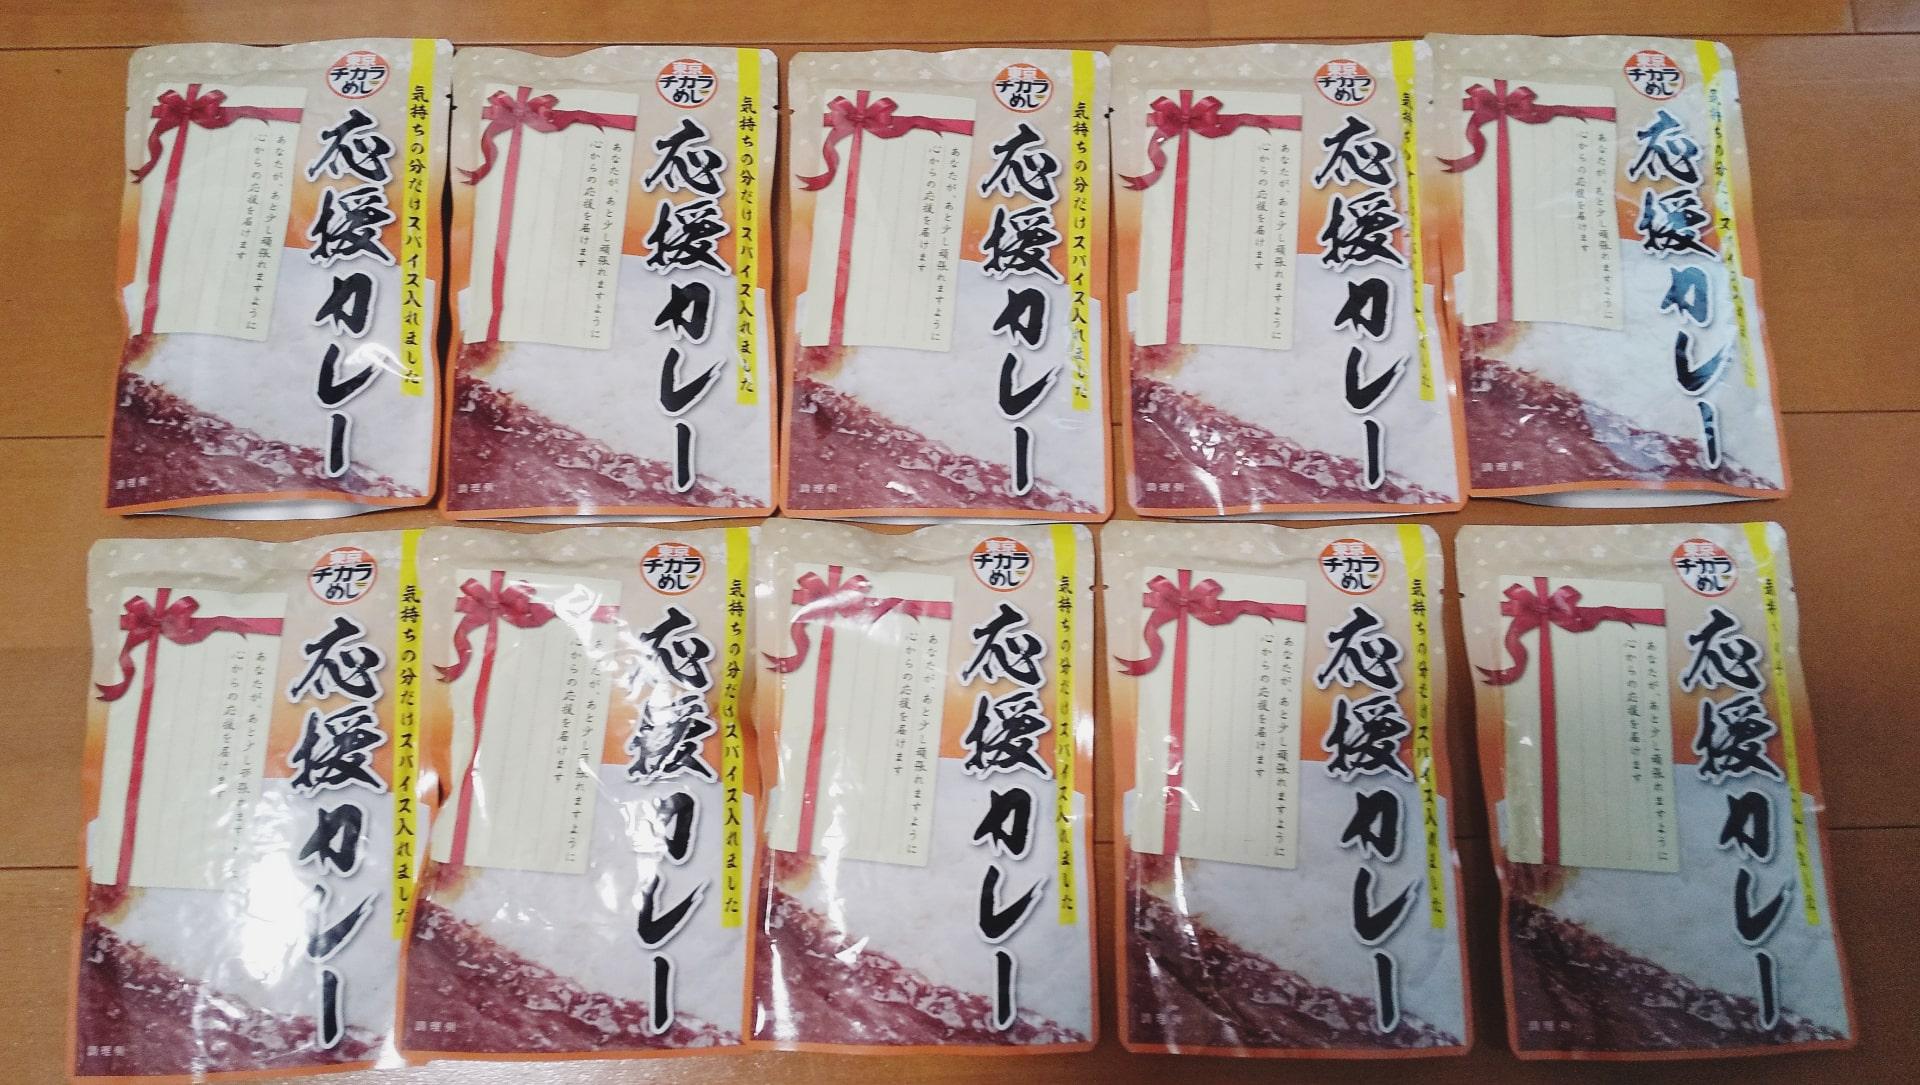 含み損7万円弱の三光マーケティングフーズ(2762)から株主優待券が到着!今回はお米と交換します!